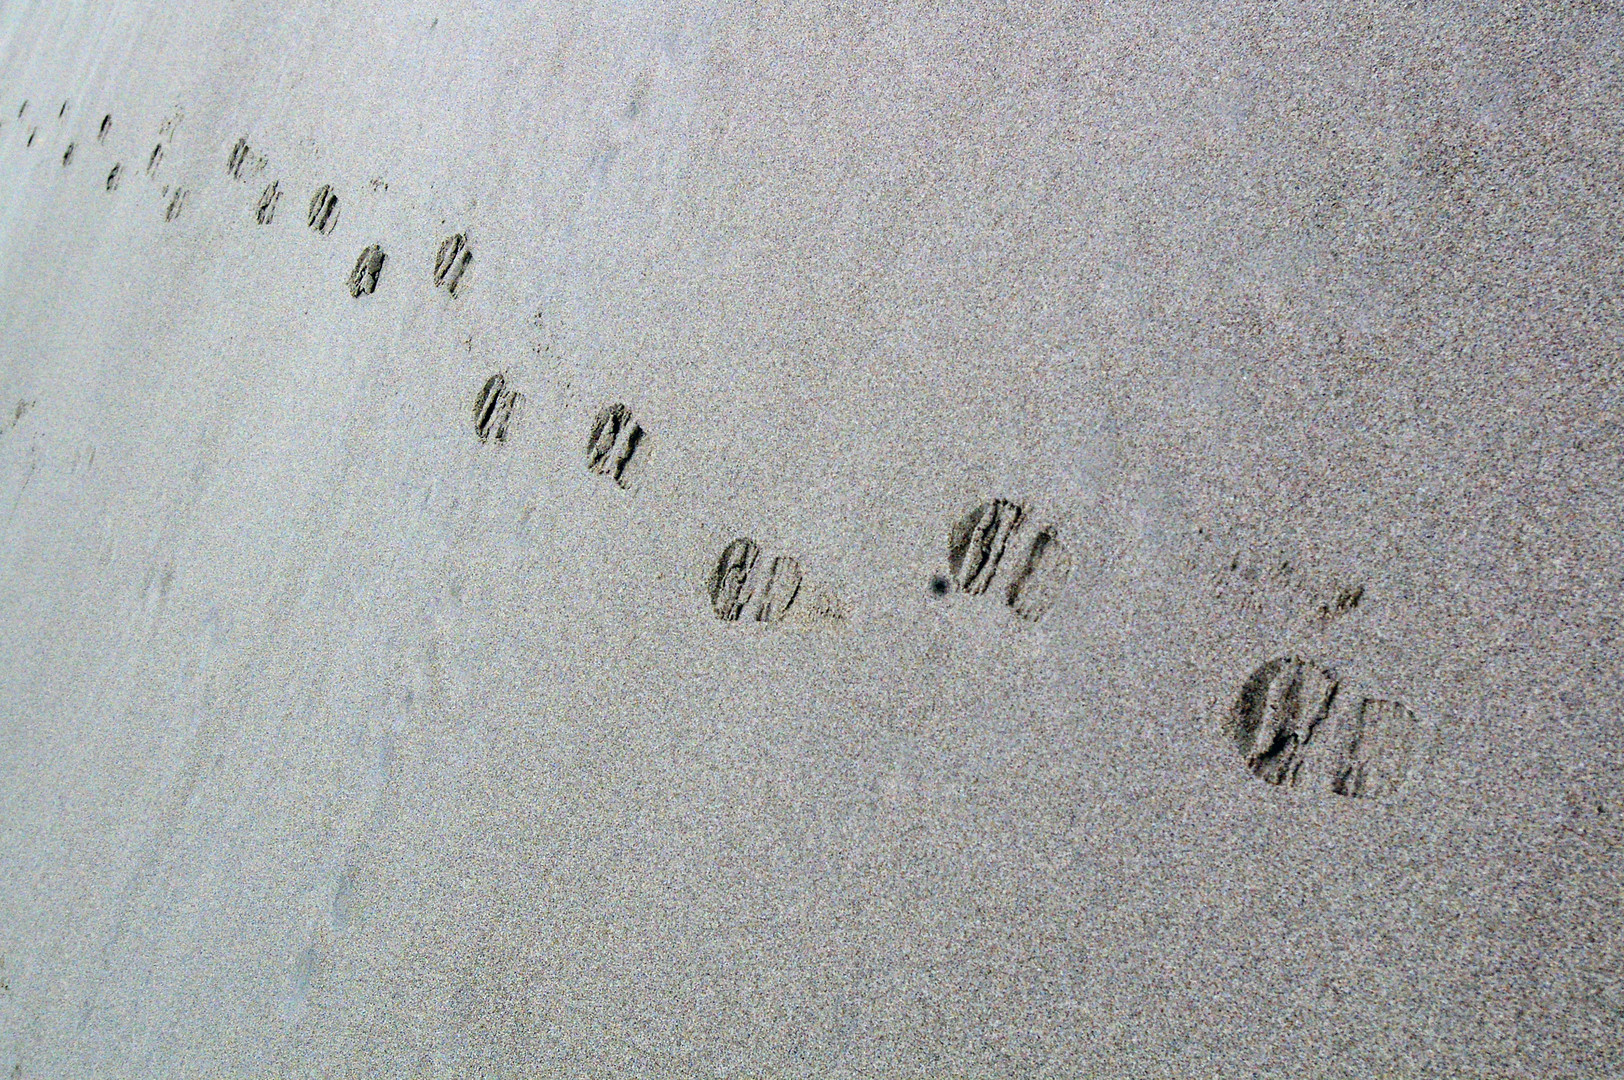 Meine Spuren im Sand .........................